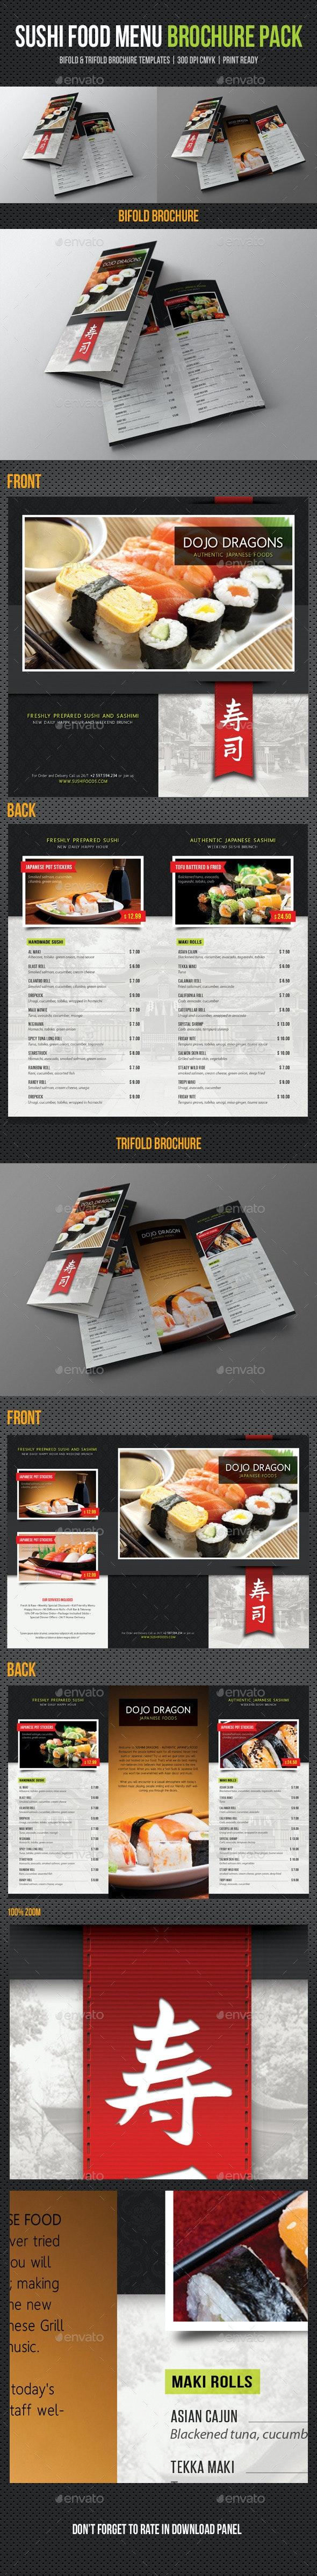 Sushi Restaurant Menu Brochure Pack - Food Menus Print Templates